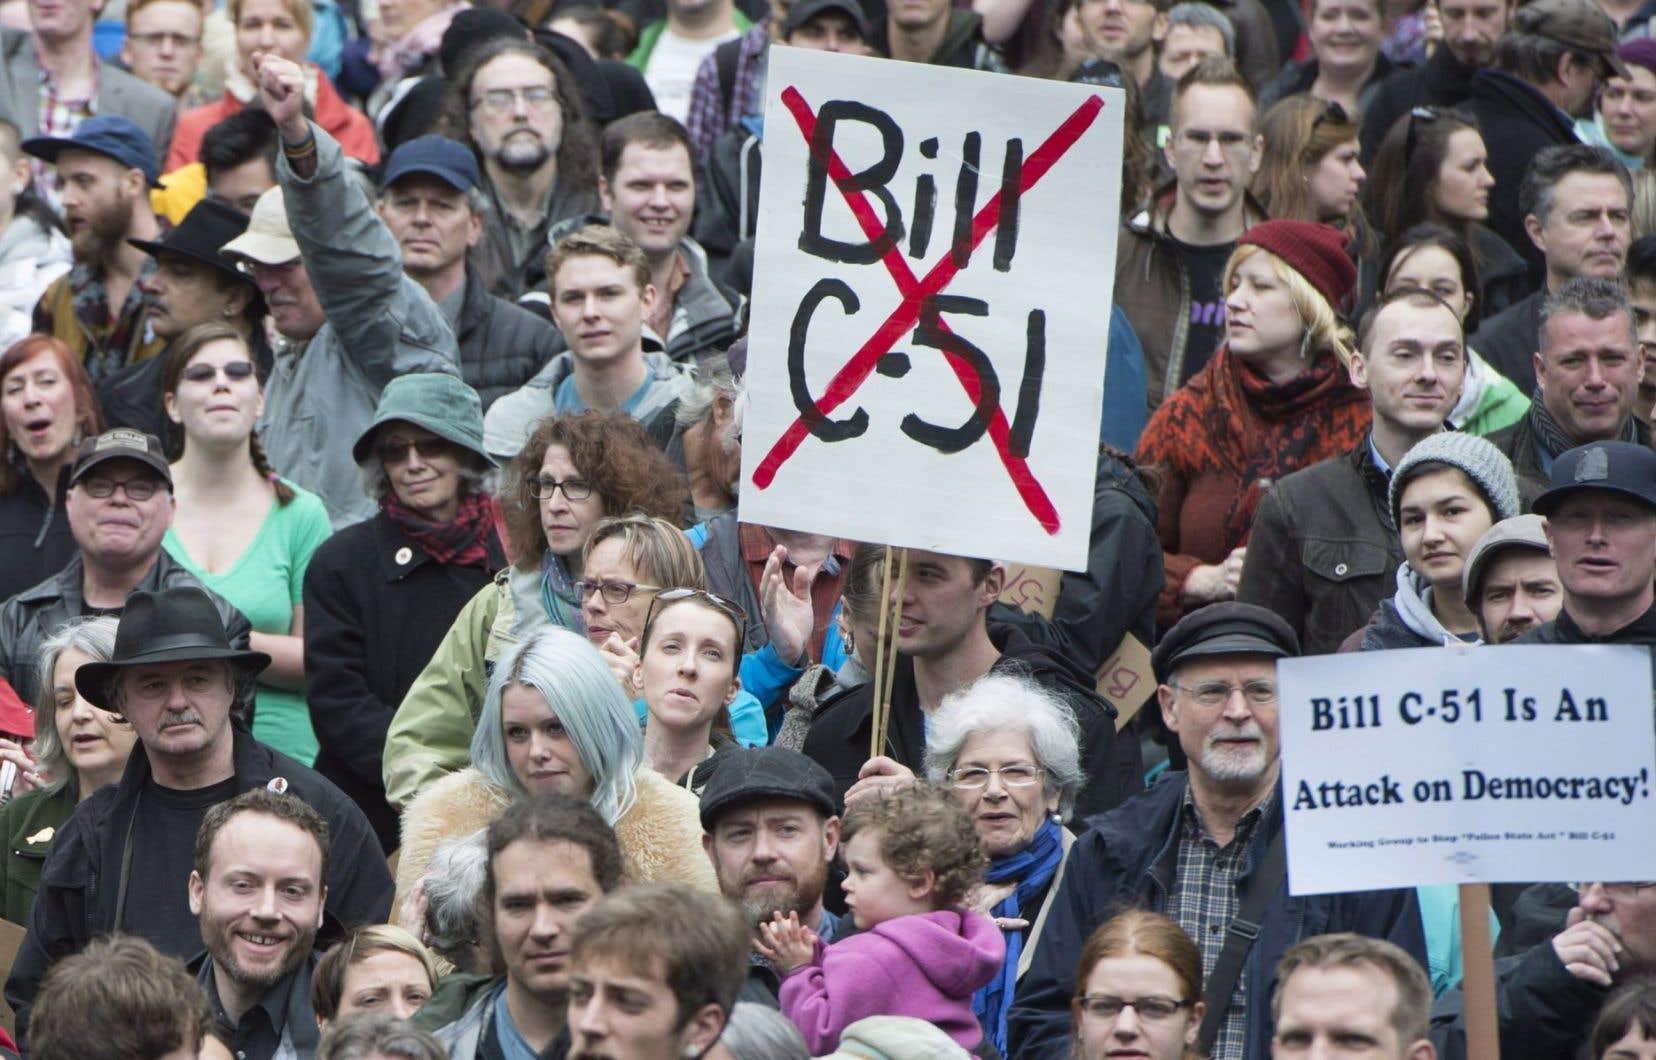 La Loi antiterroriste adoptée en 2015 avait suscité une vague d'indignation.